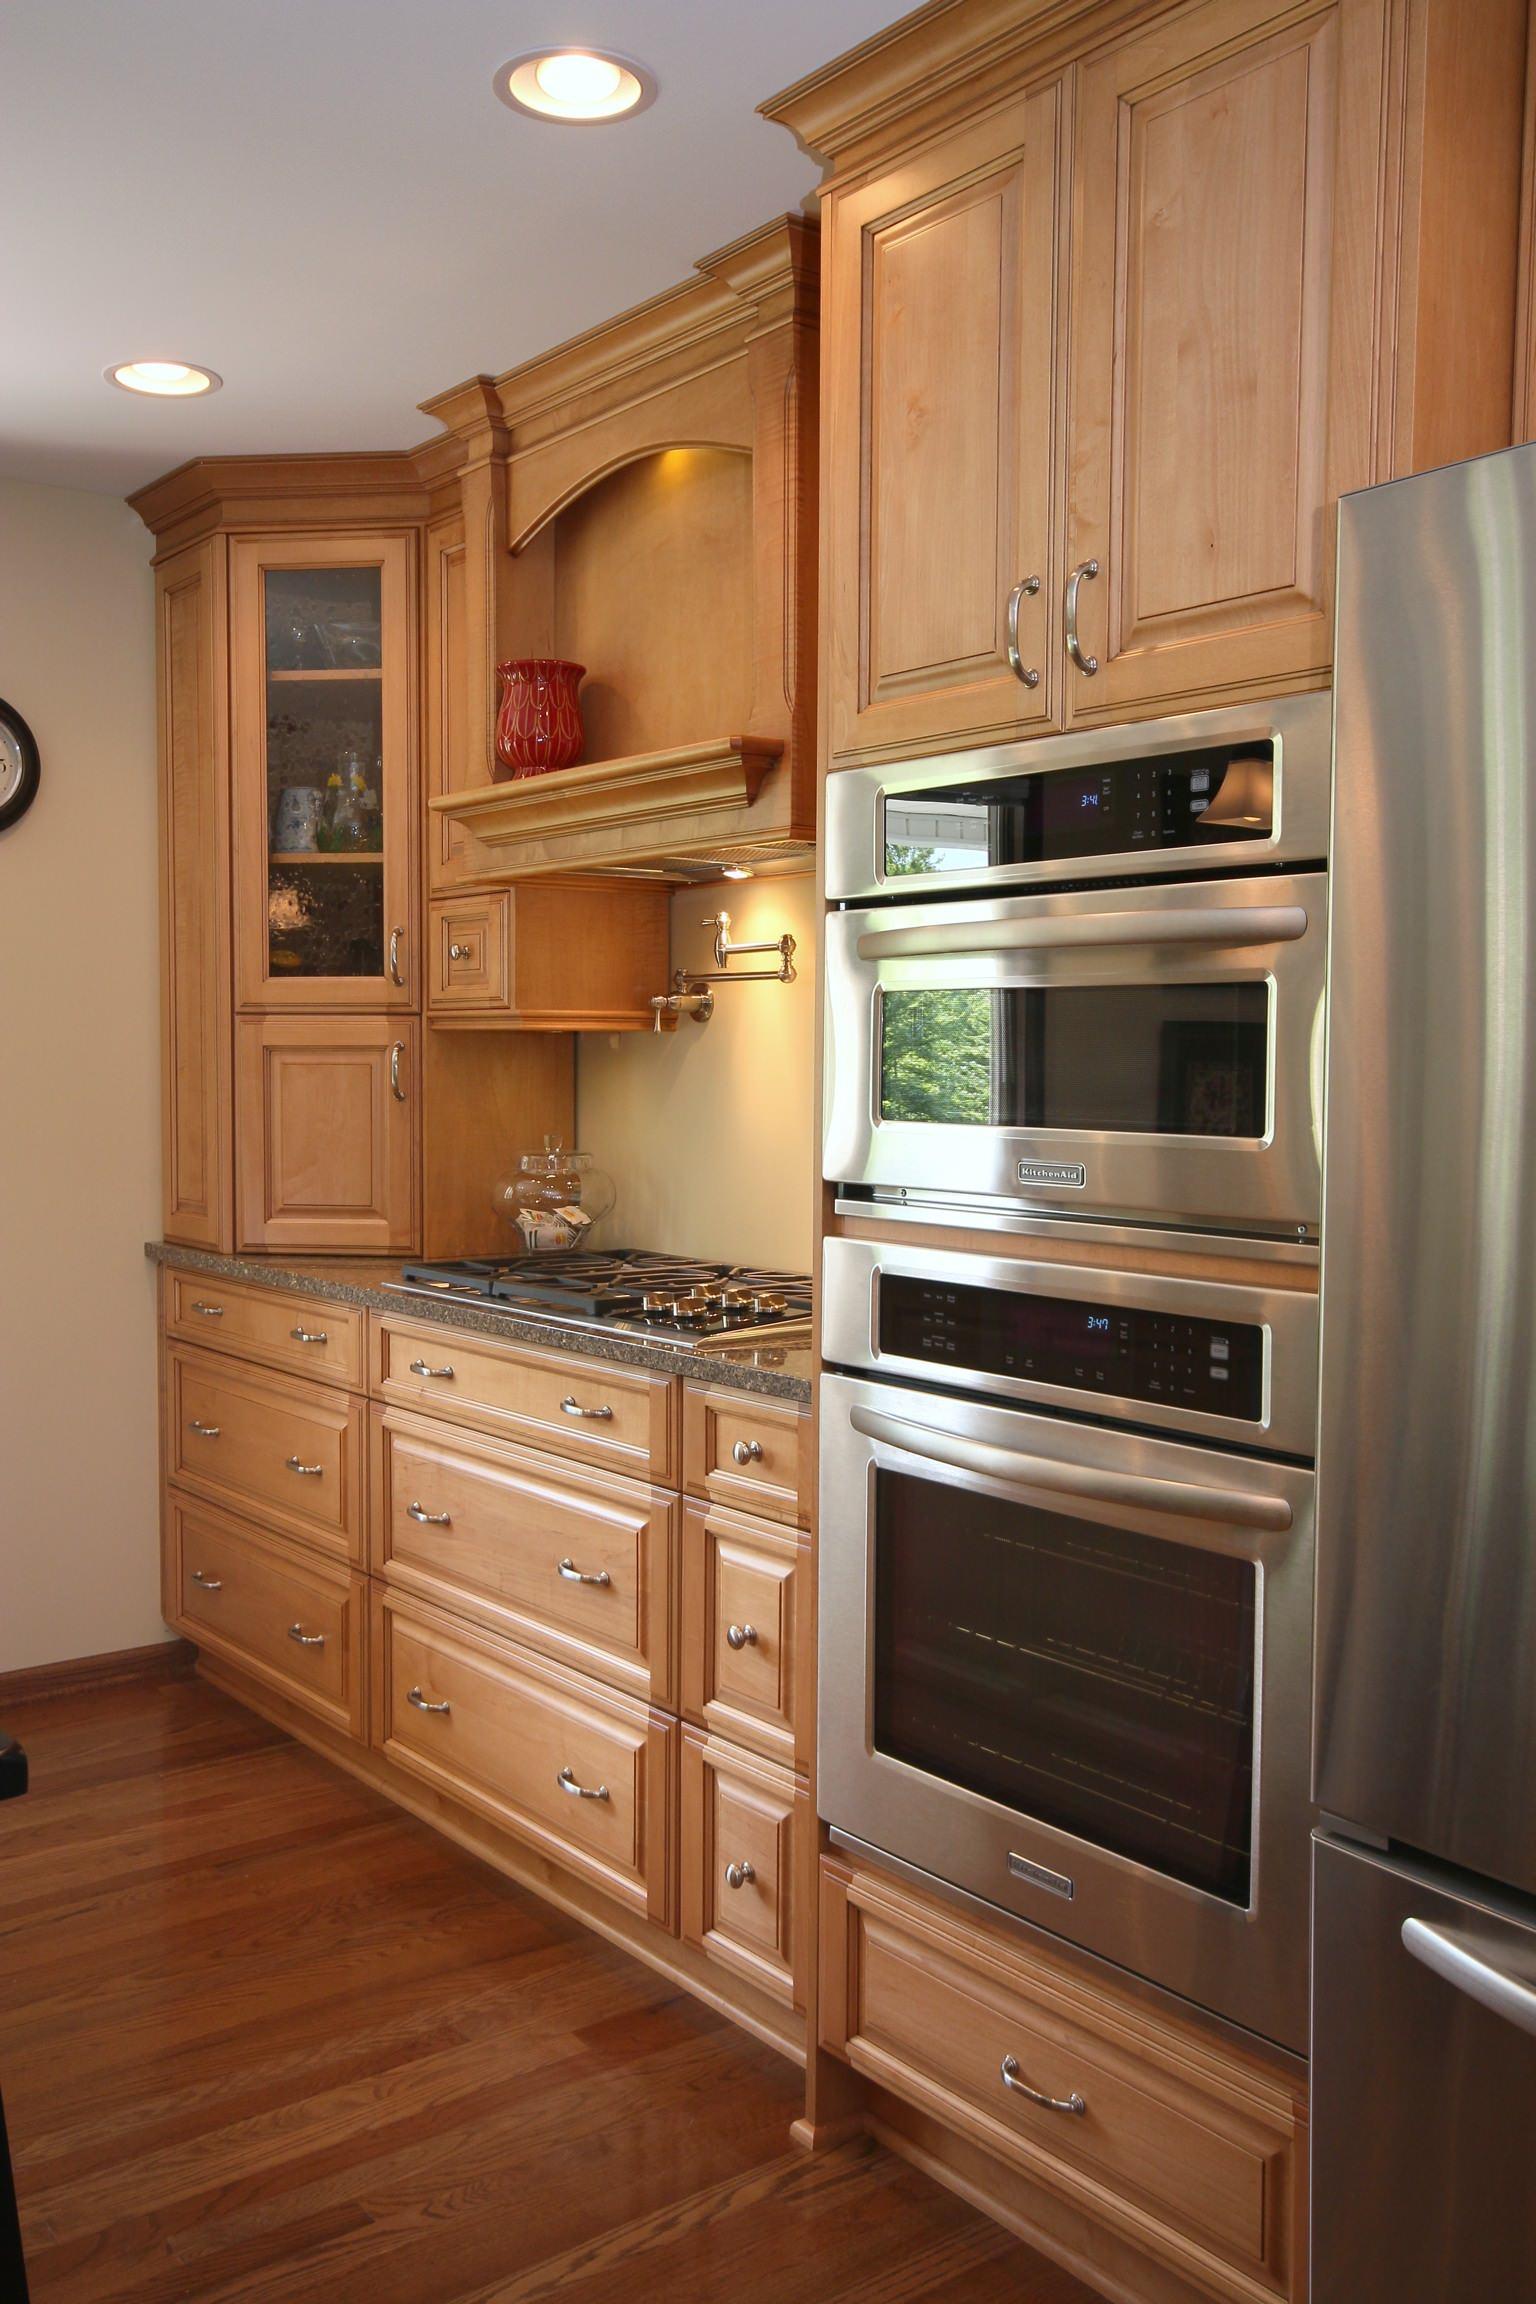 Corner appliance garage